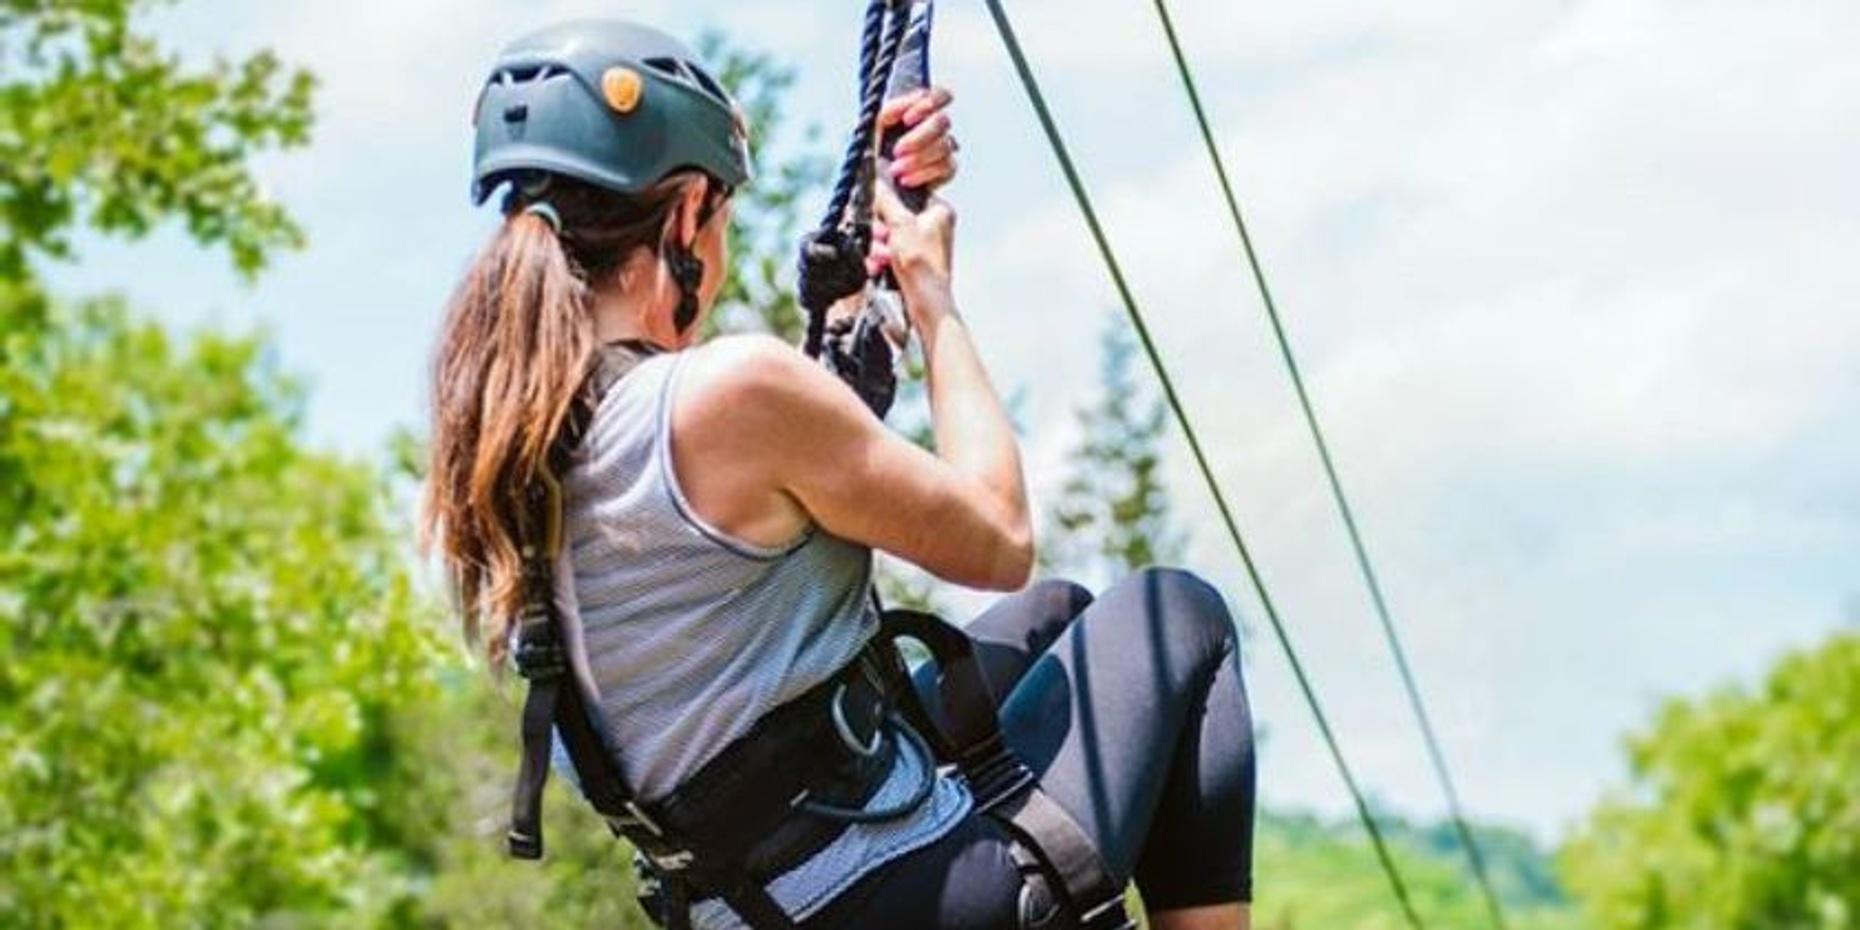 Zipline Experience over the Ozarks in Branson